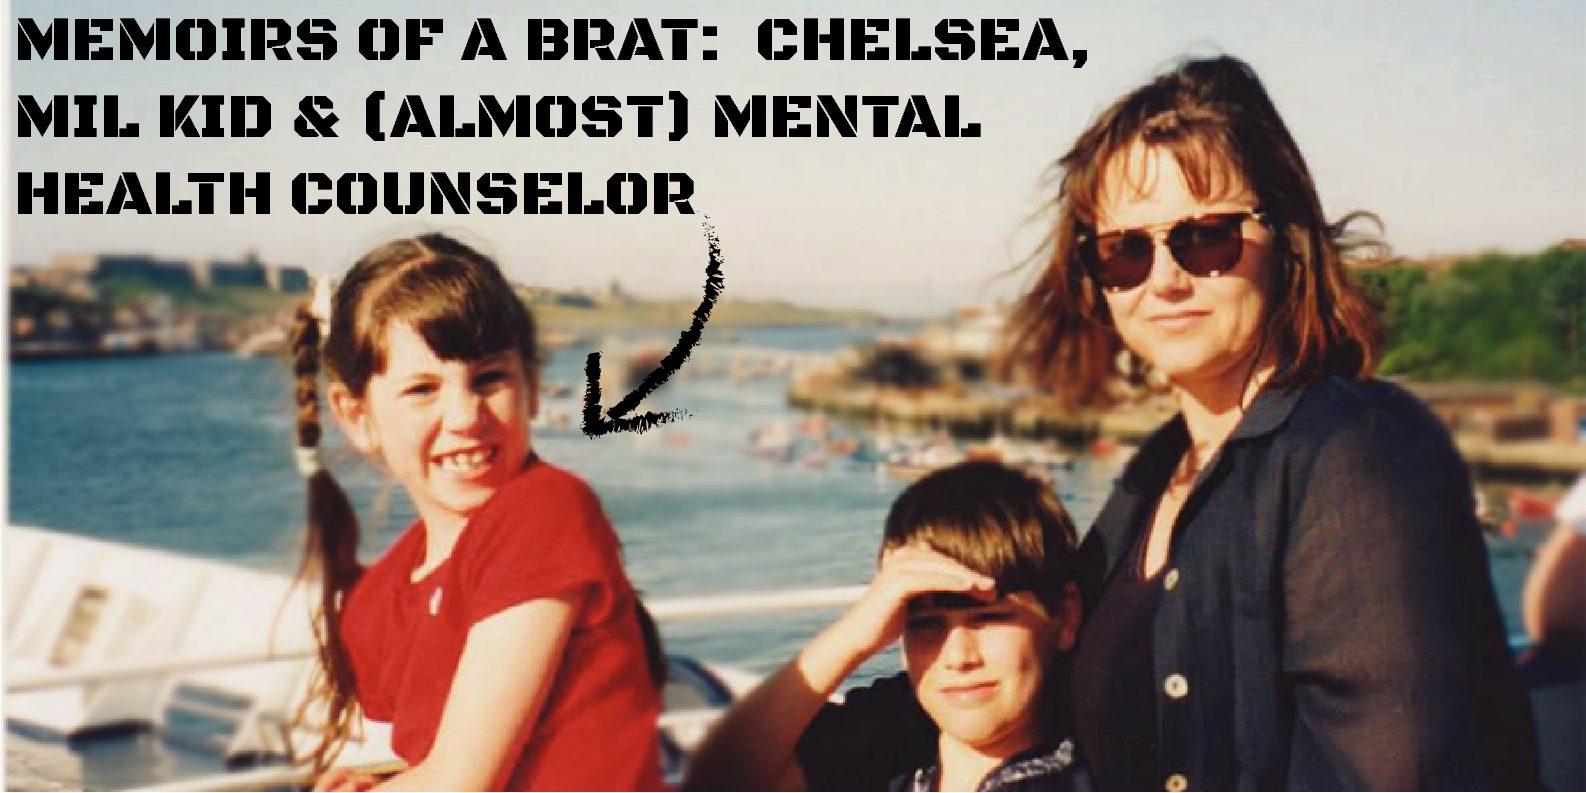 Memoirs of a Brat: Chelsea